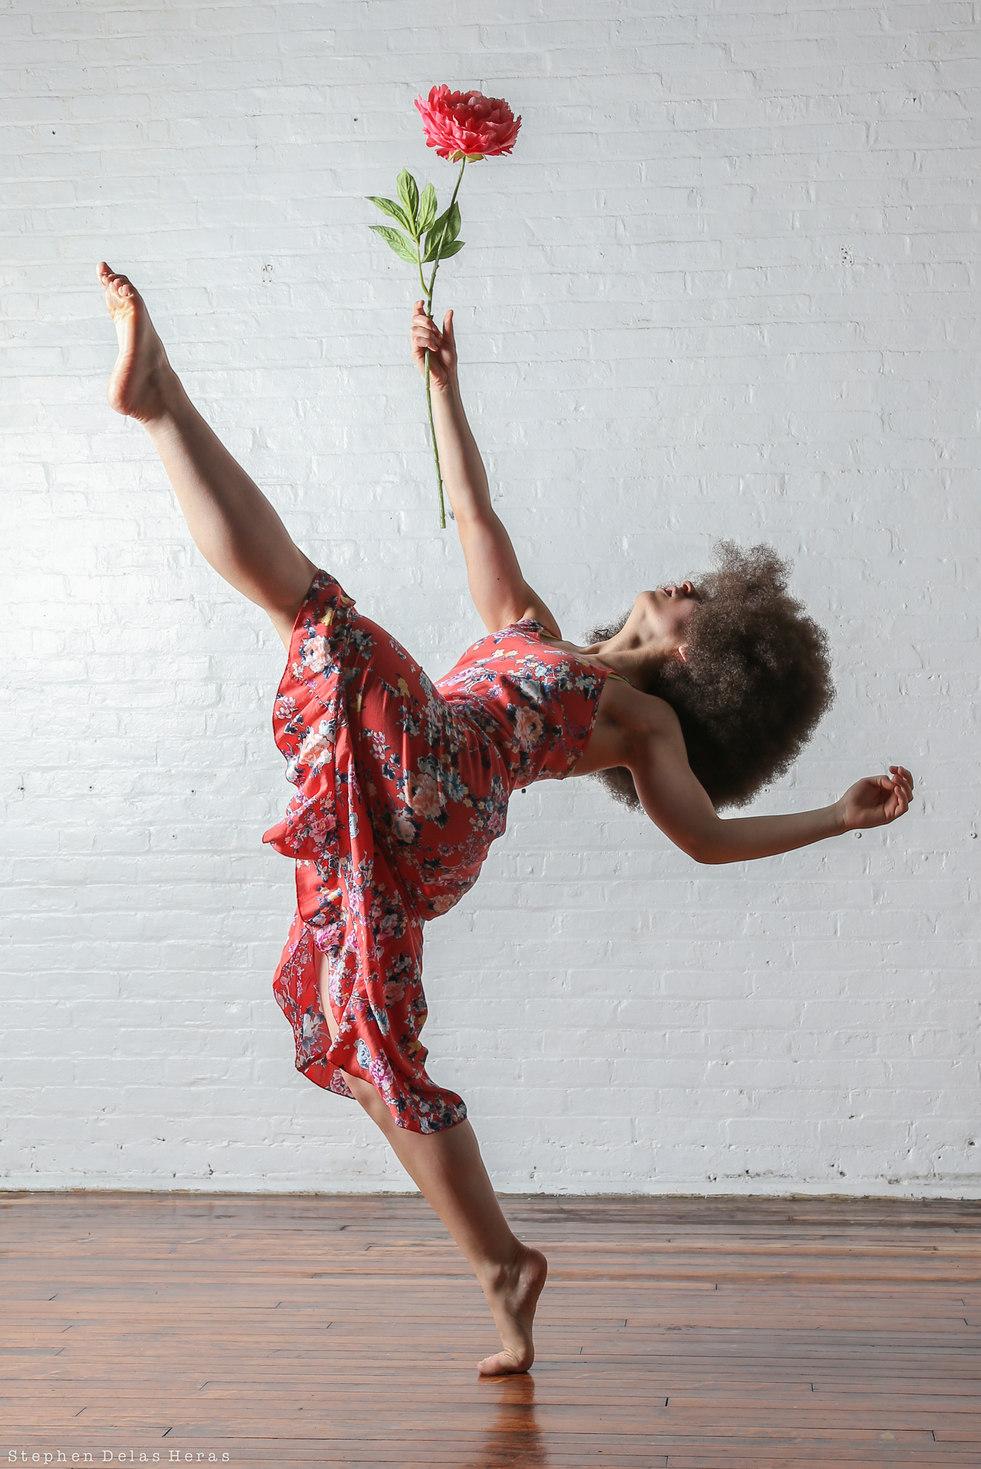 Shawn Bible Dance, Graziella Murdocca dancer